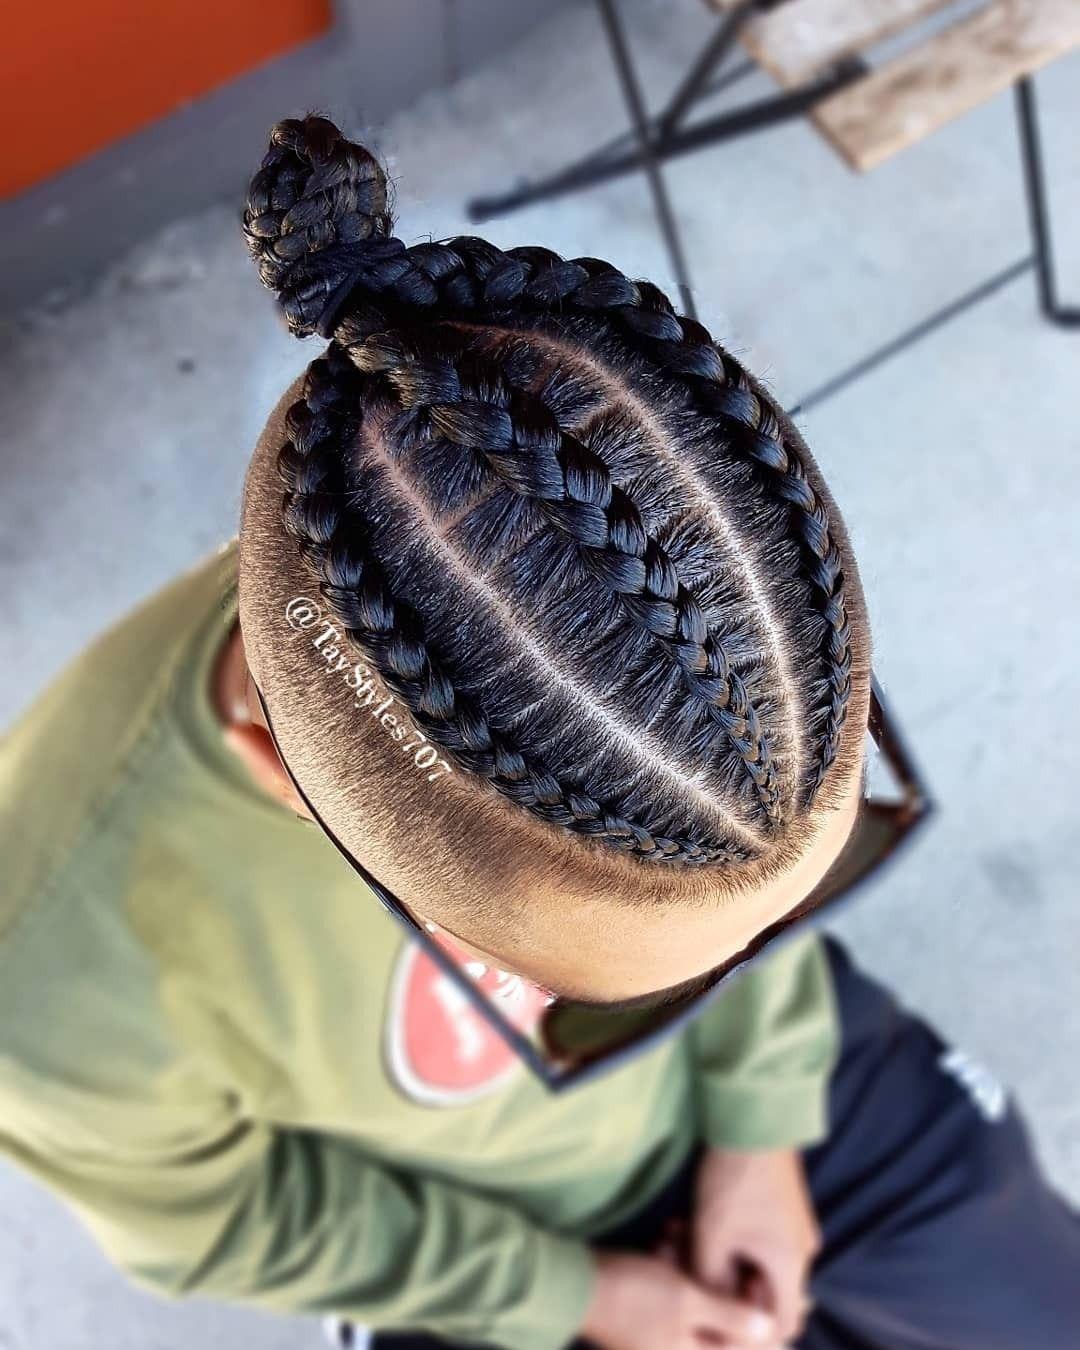 3 Cornrows Braids For Men Braid Styles For Men Mens Braids Hairstyles Cornrows Braids